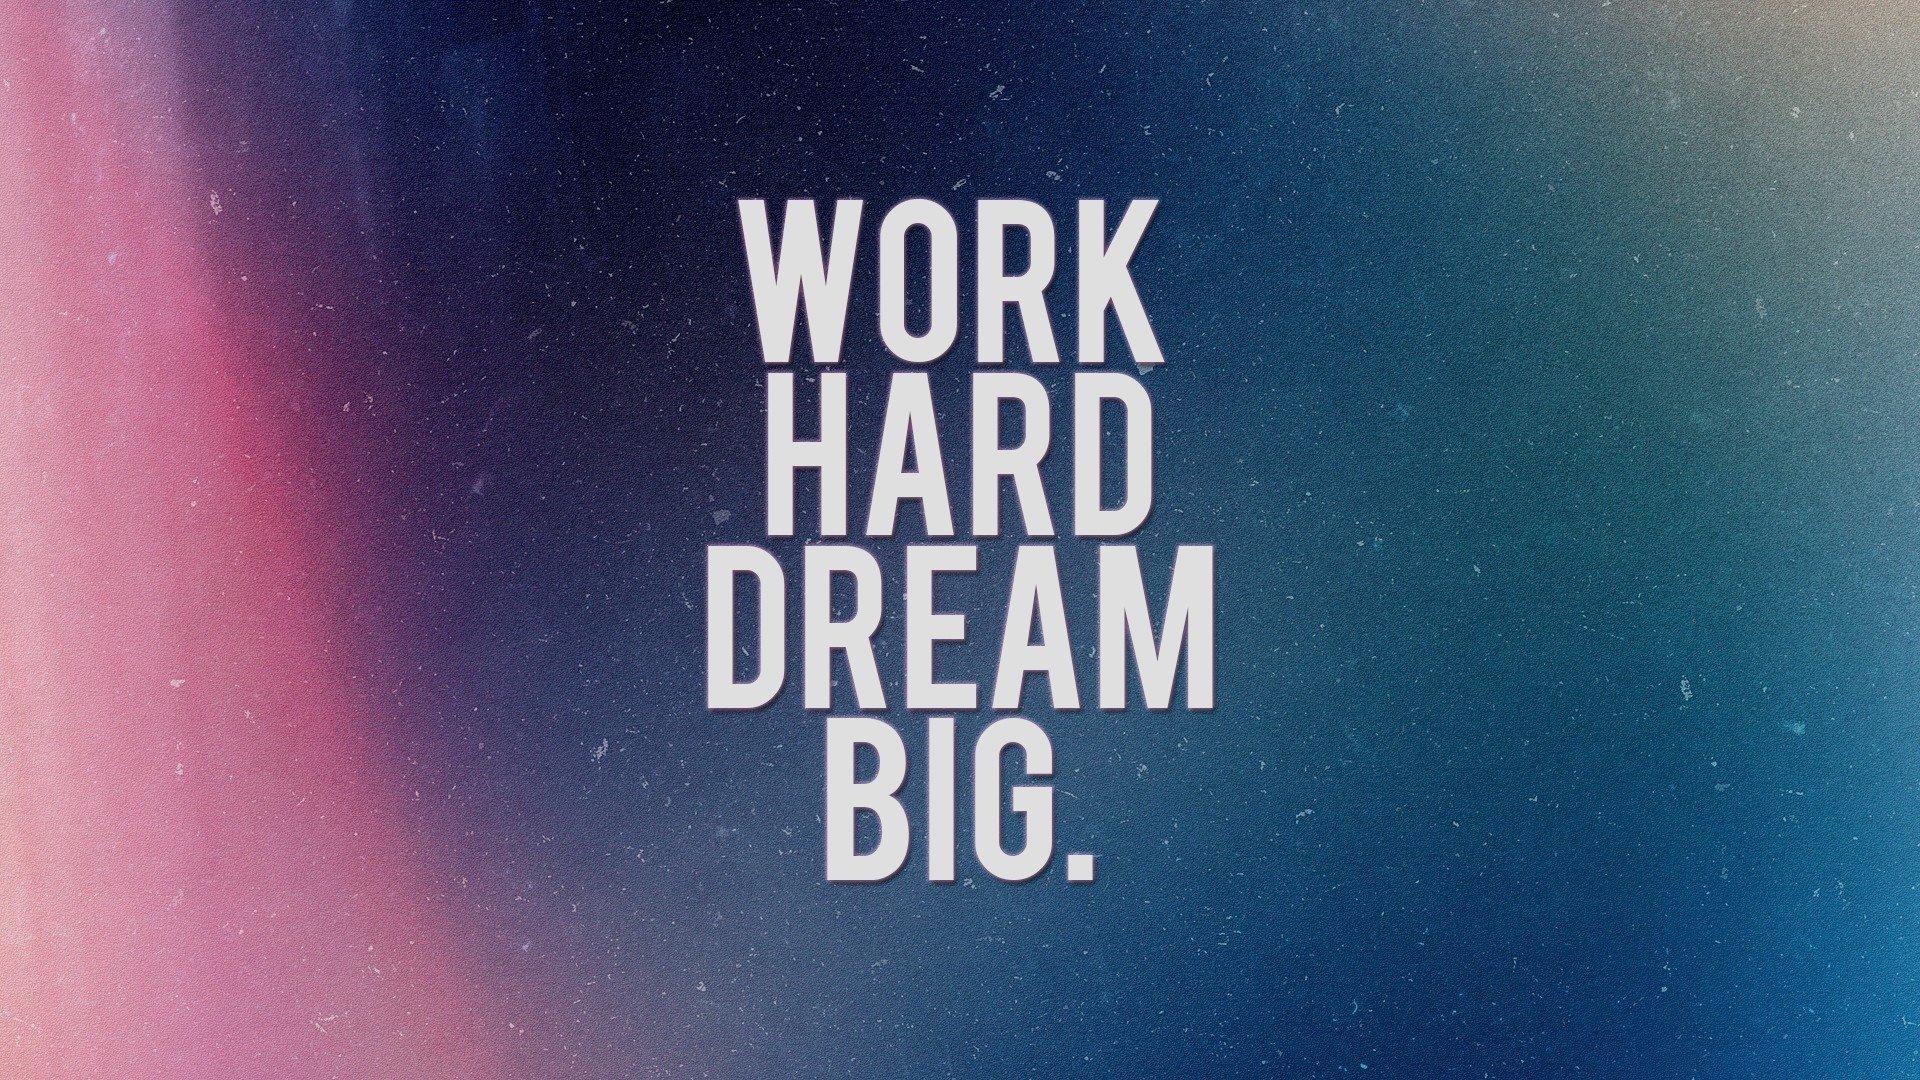 Fond D Écran Motivation motivation fond d'écran hd | arrière-plan | 1920x1080 | id:431456